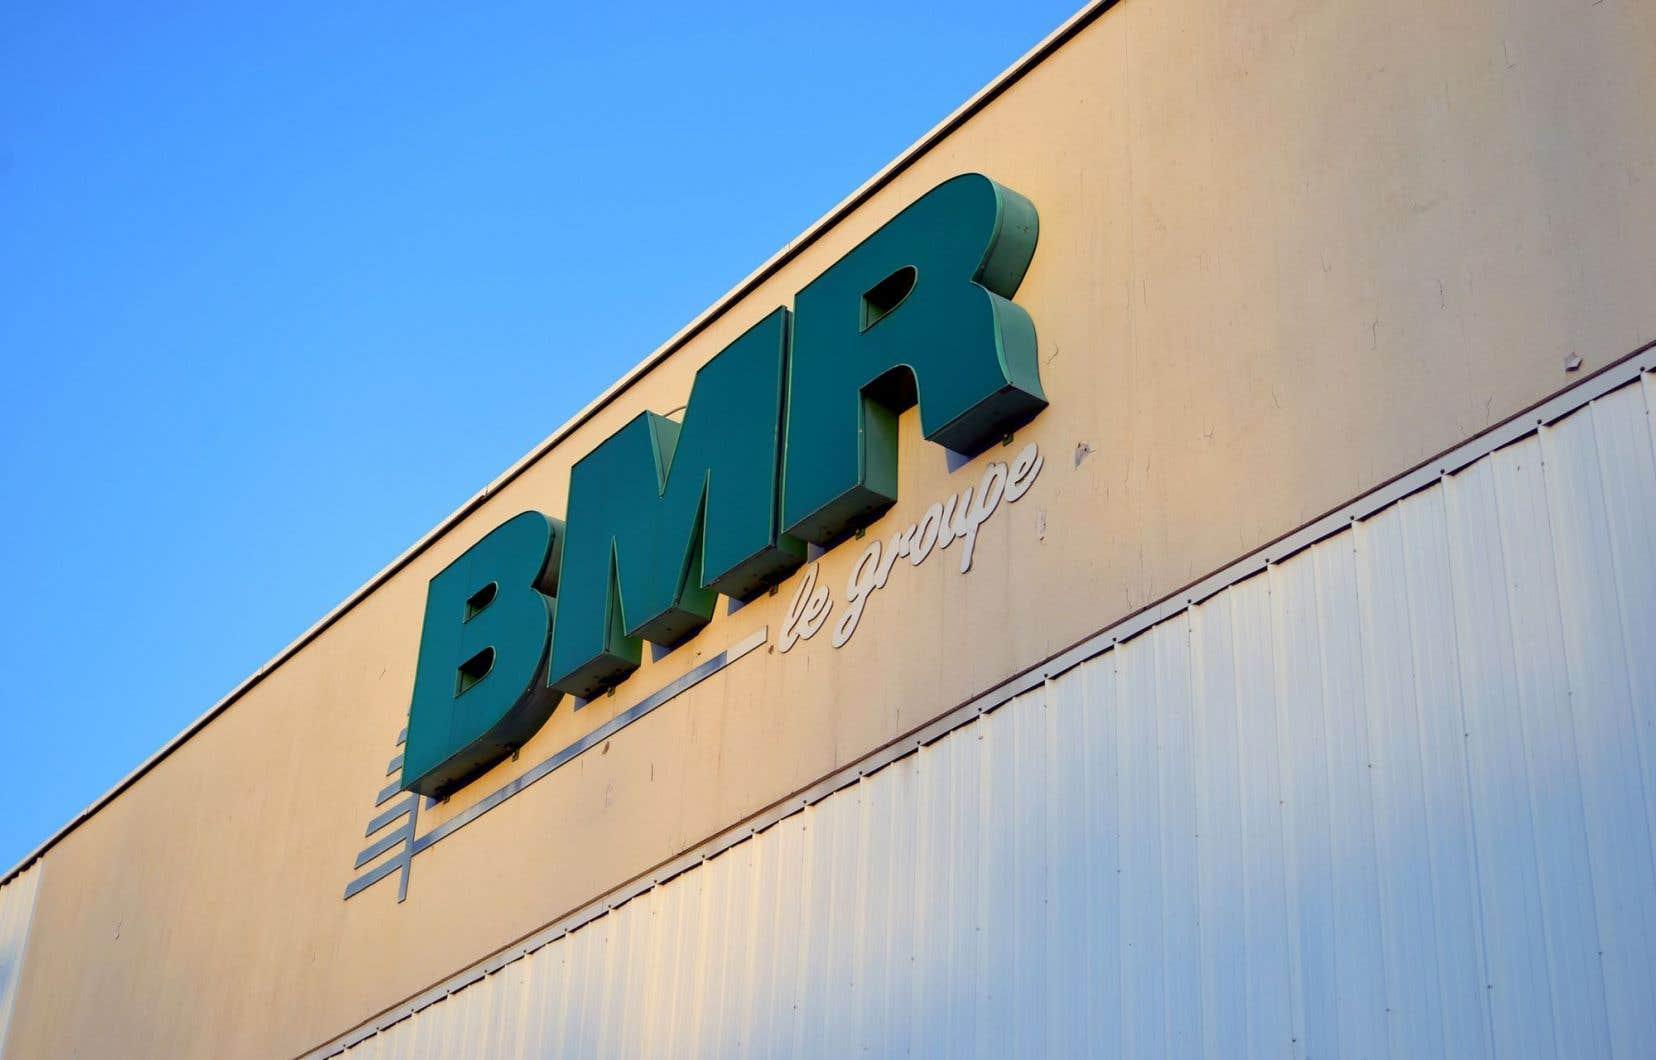 L'acquisition de BMR permet à la Coop fédérée de consolider sa position en lui donnant au total quelque 350 centres de rénovation et quincailleries au Québec seulement.